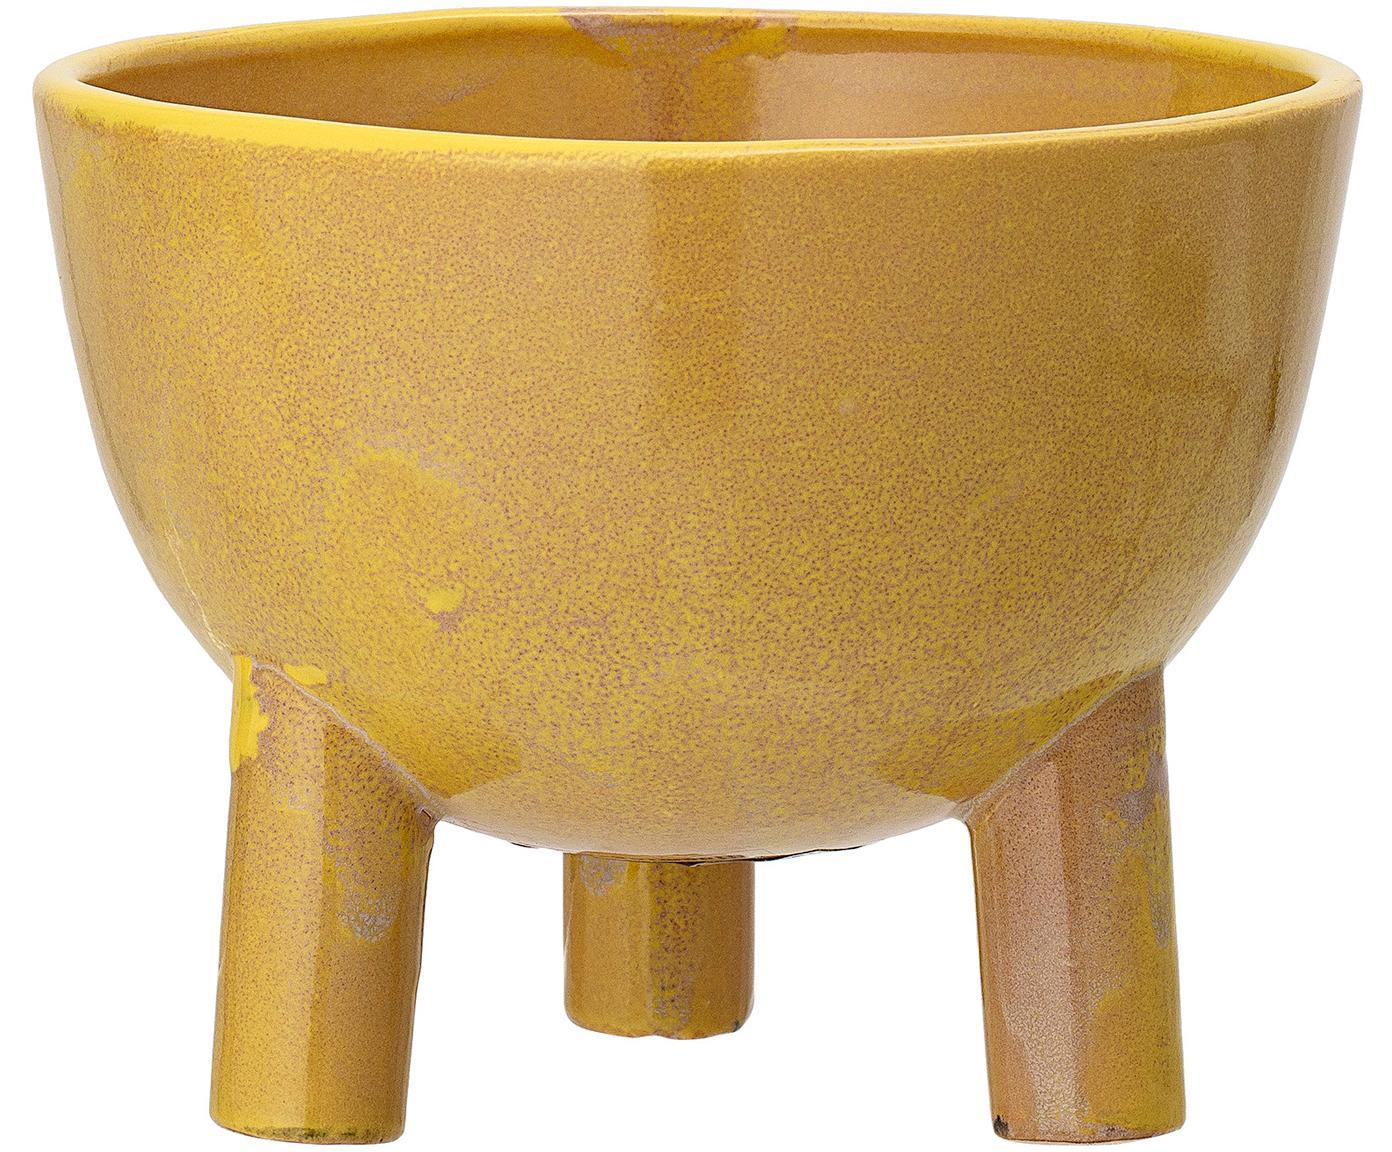 Handgemaakte plantenpot Aaren, Keramiek, Geel, Ø 15 cm